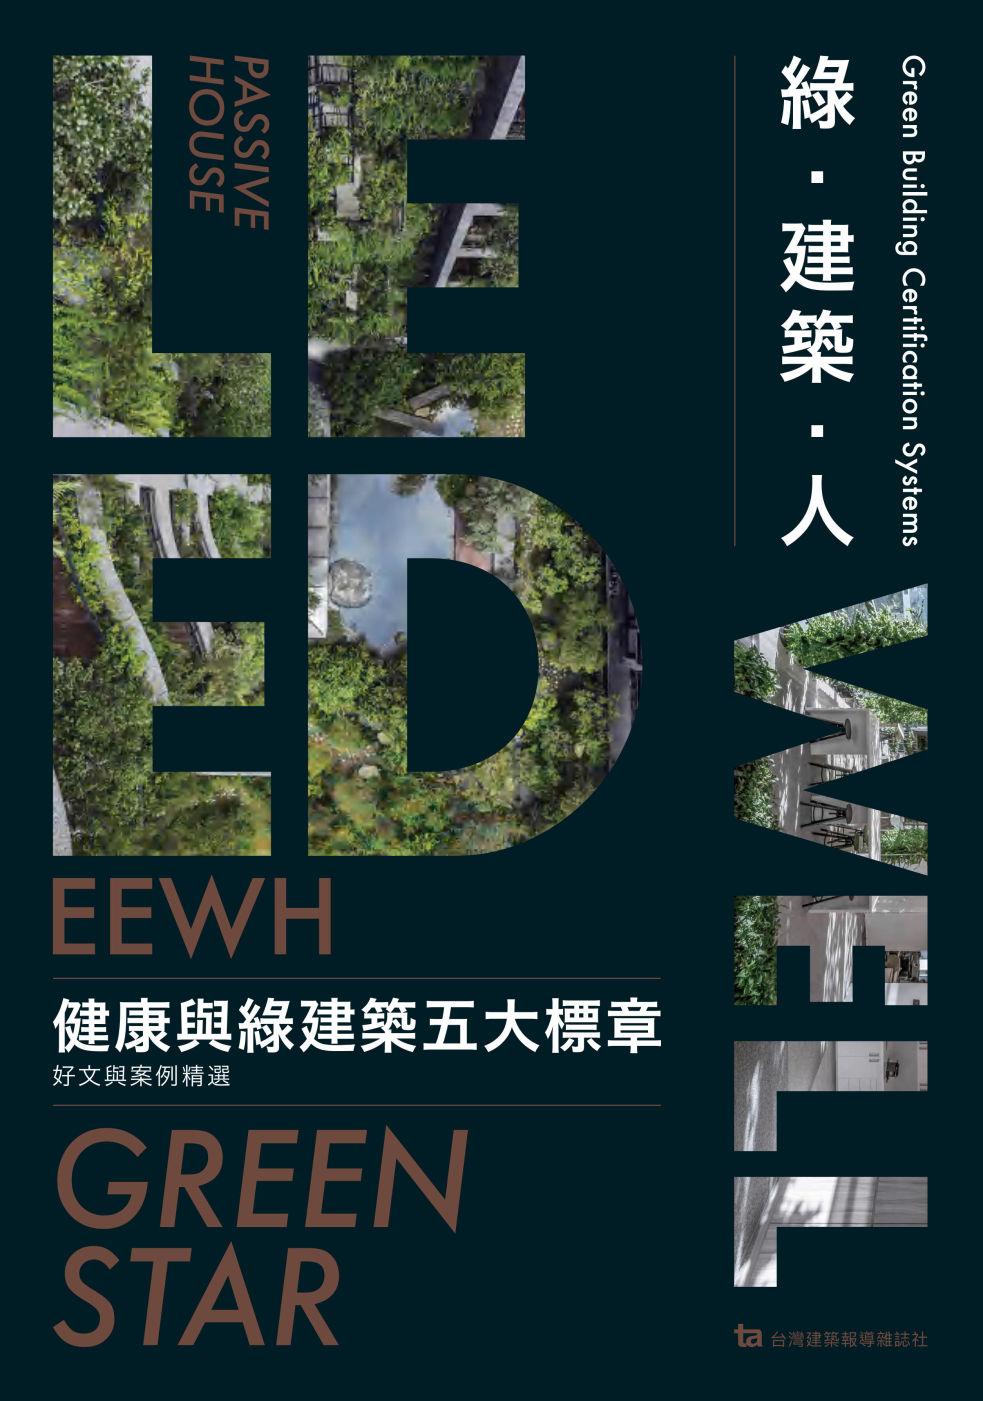 綠・建築・人:健康與綠建築五大...